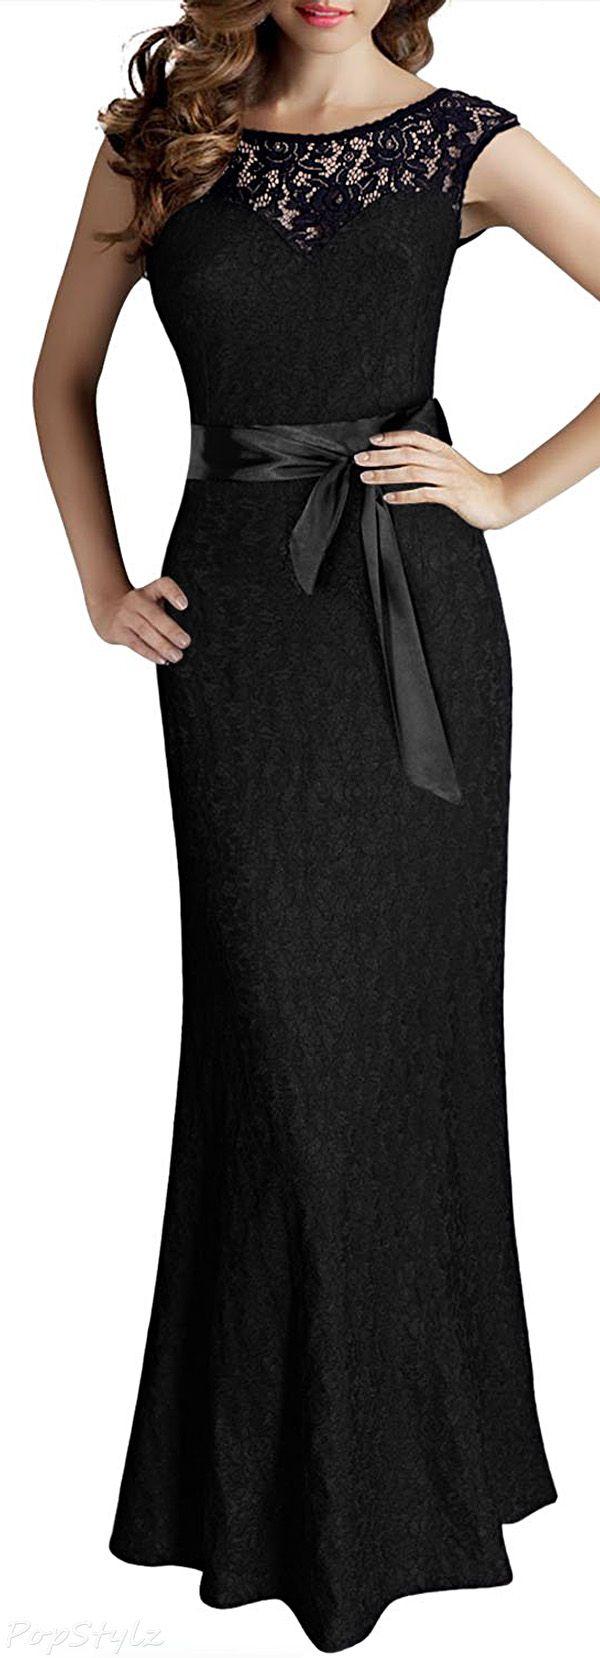 MIUSOL Sleeveless Halter Black Lace Maxi Dress